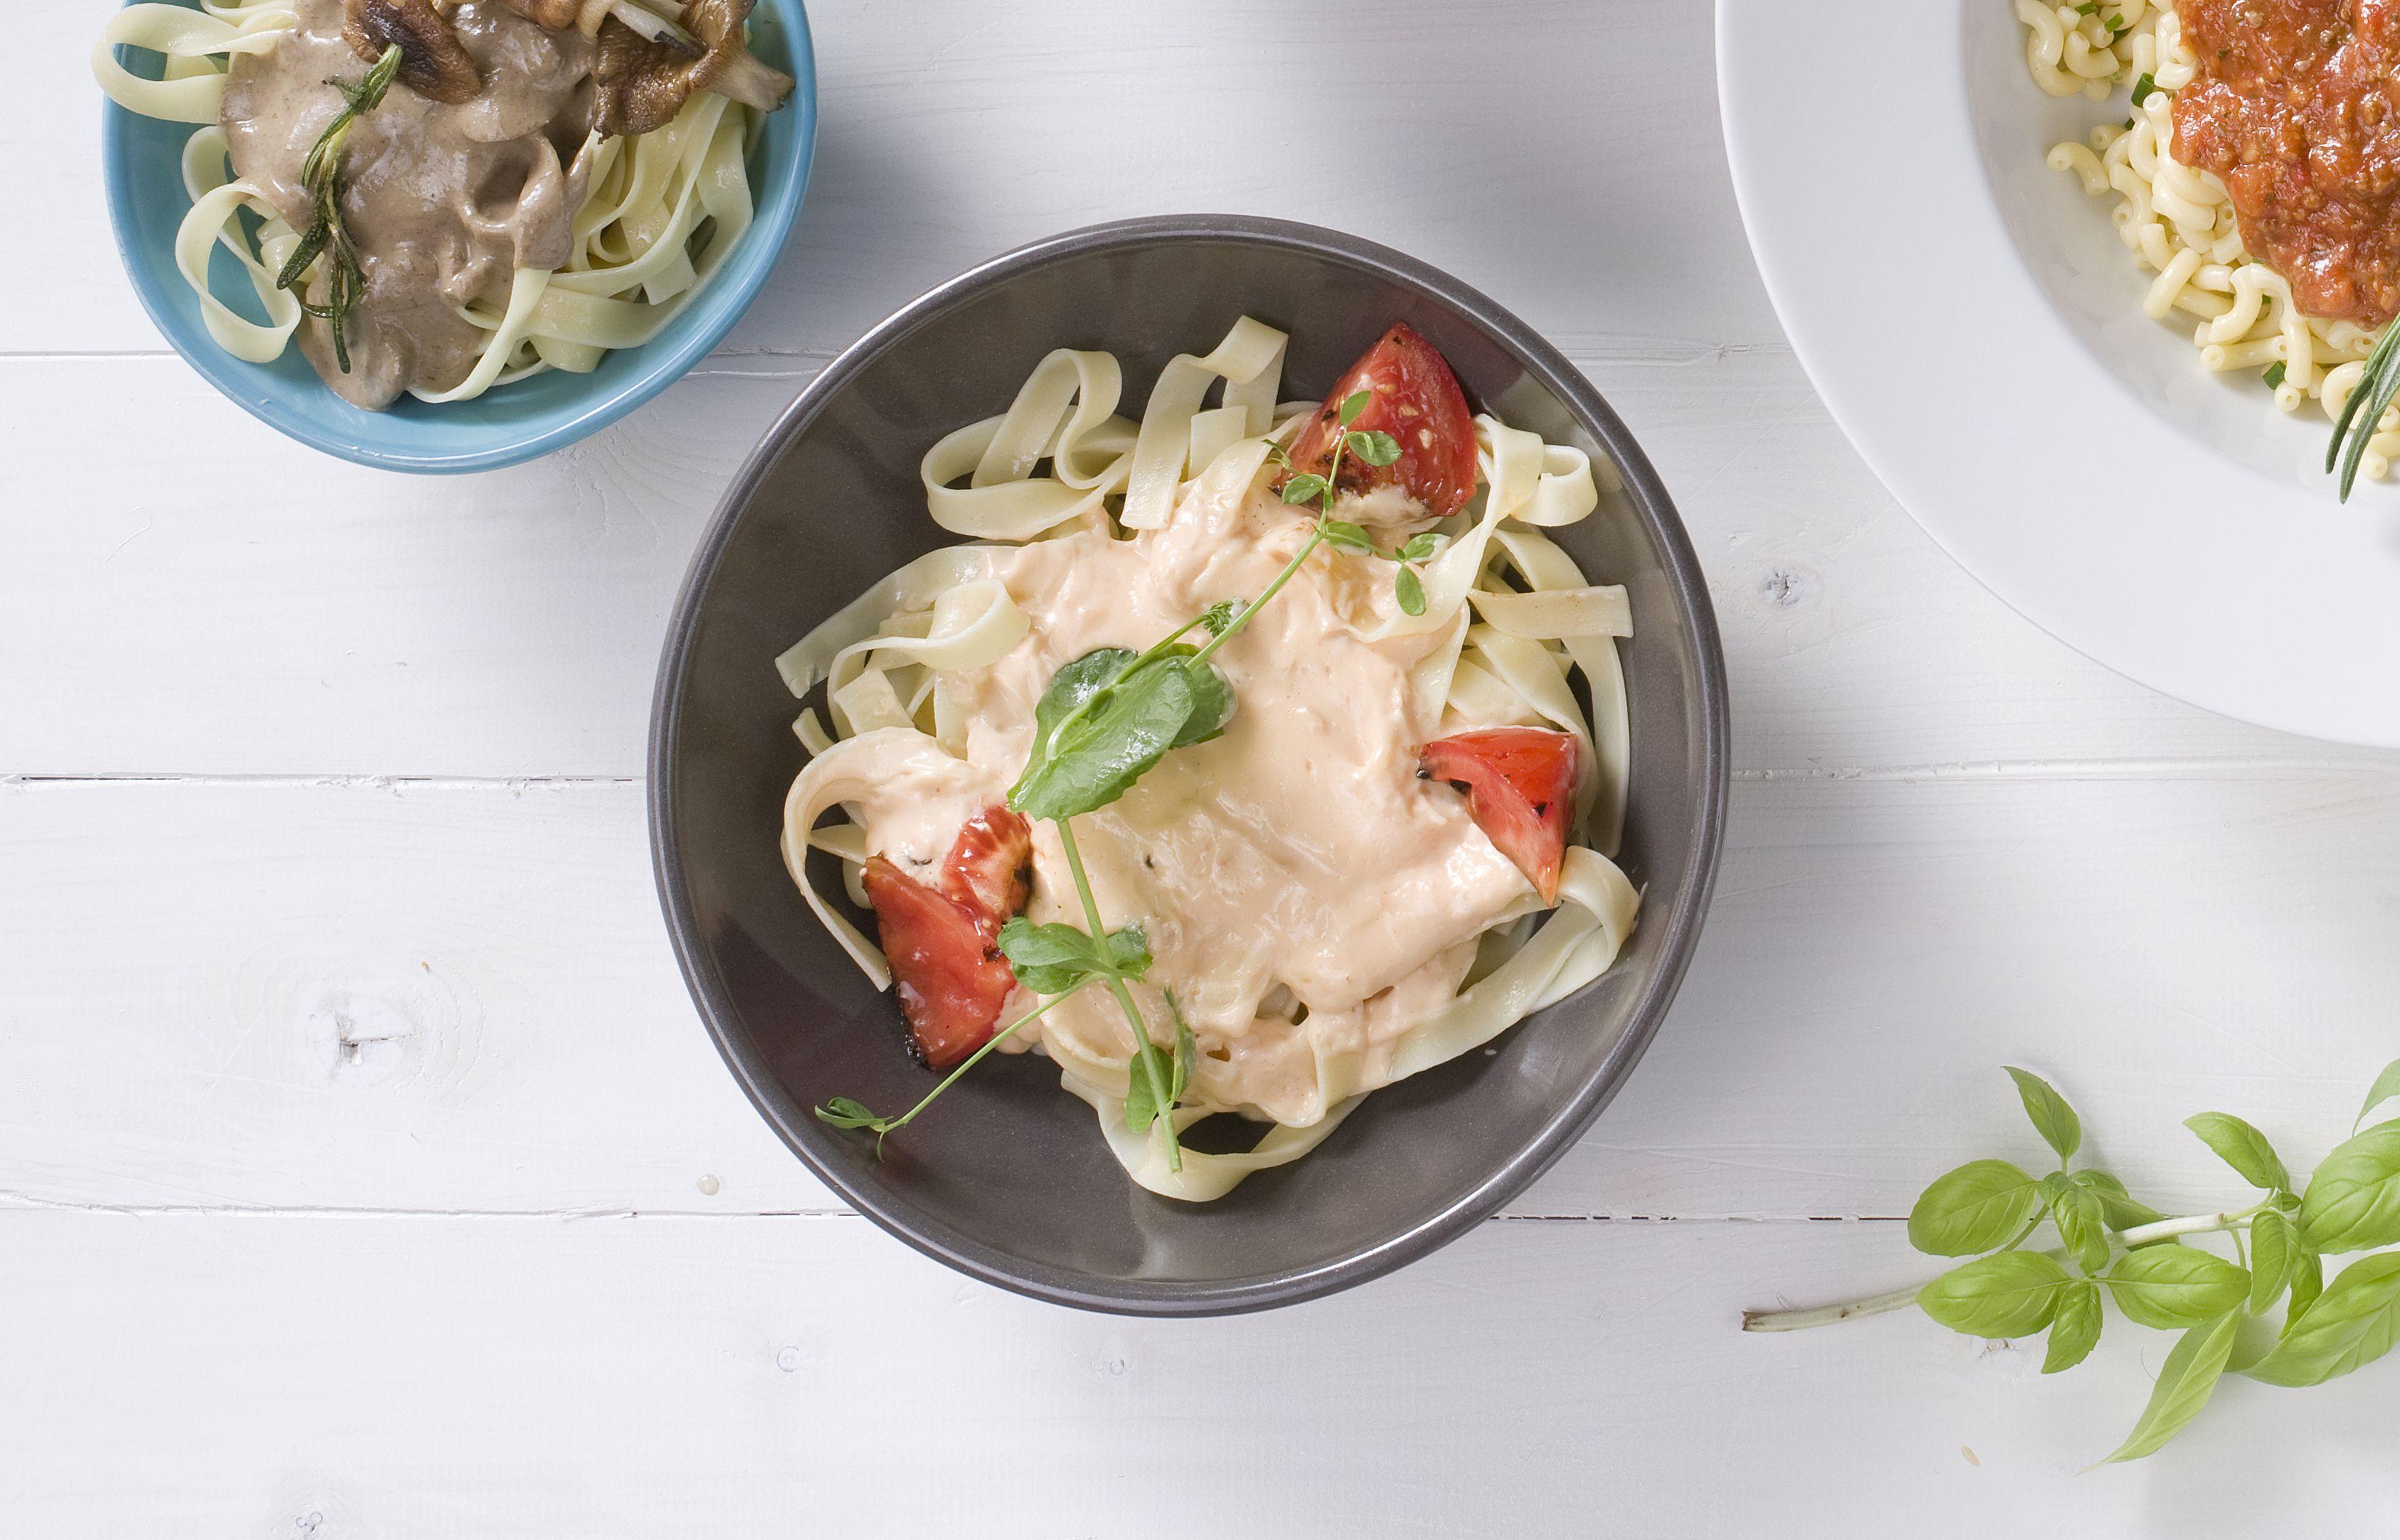 Crema al salmone. Rijke pastasaus met room, witte wijn en gerookte zalm.   #henribv #henri #drunen #foodservice #food